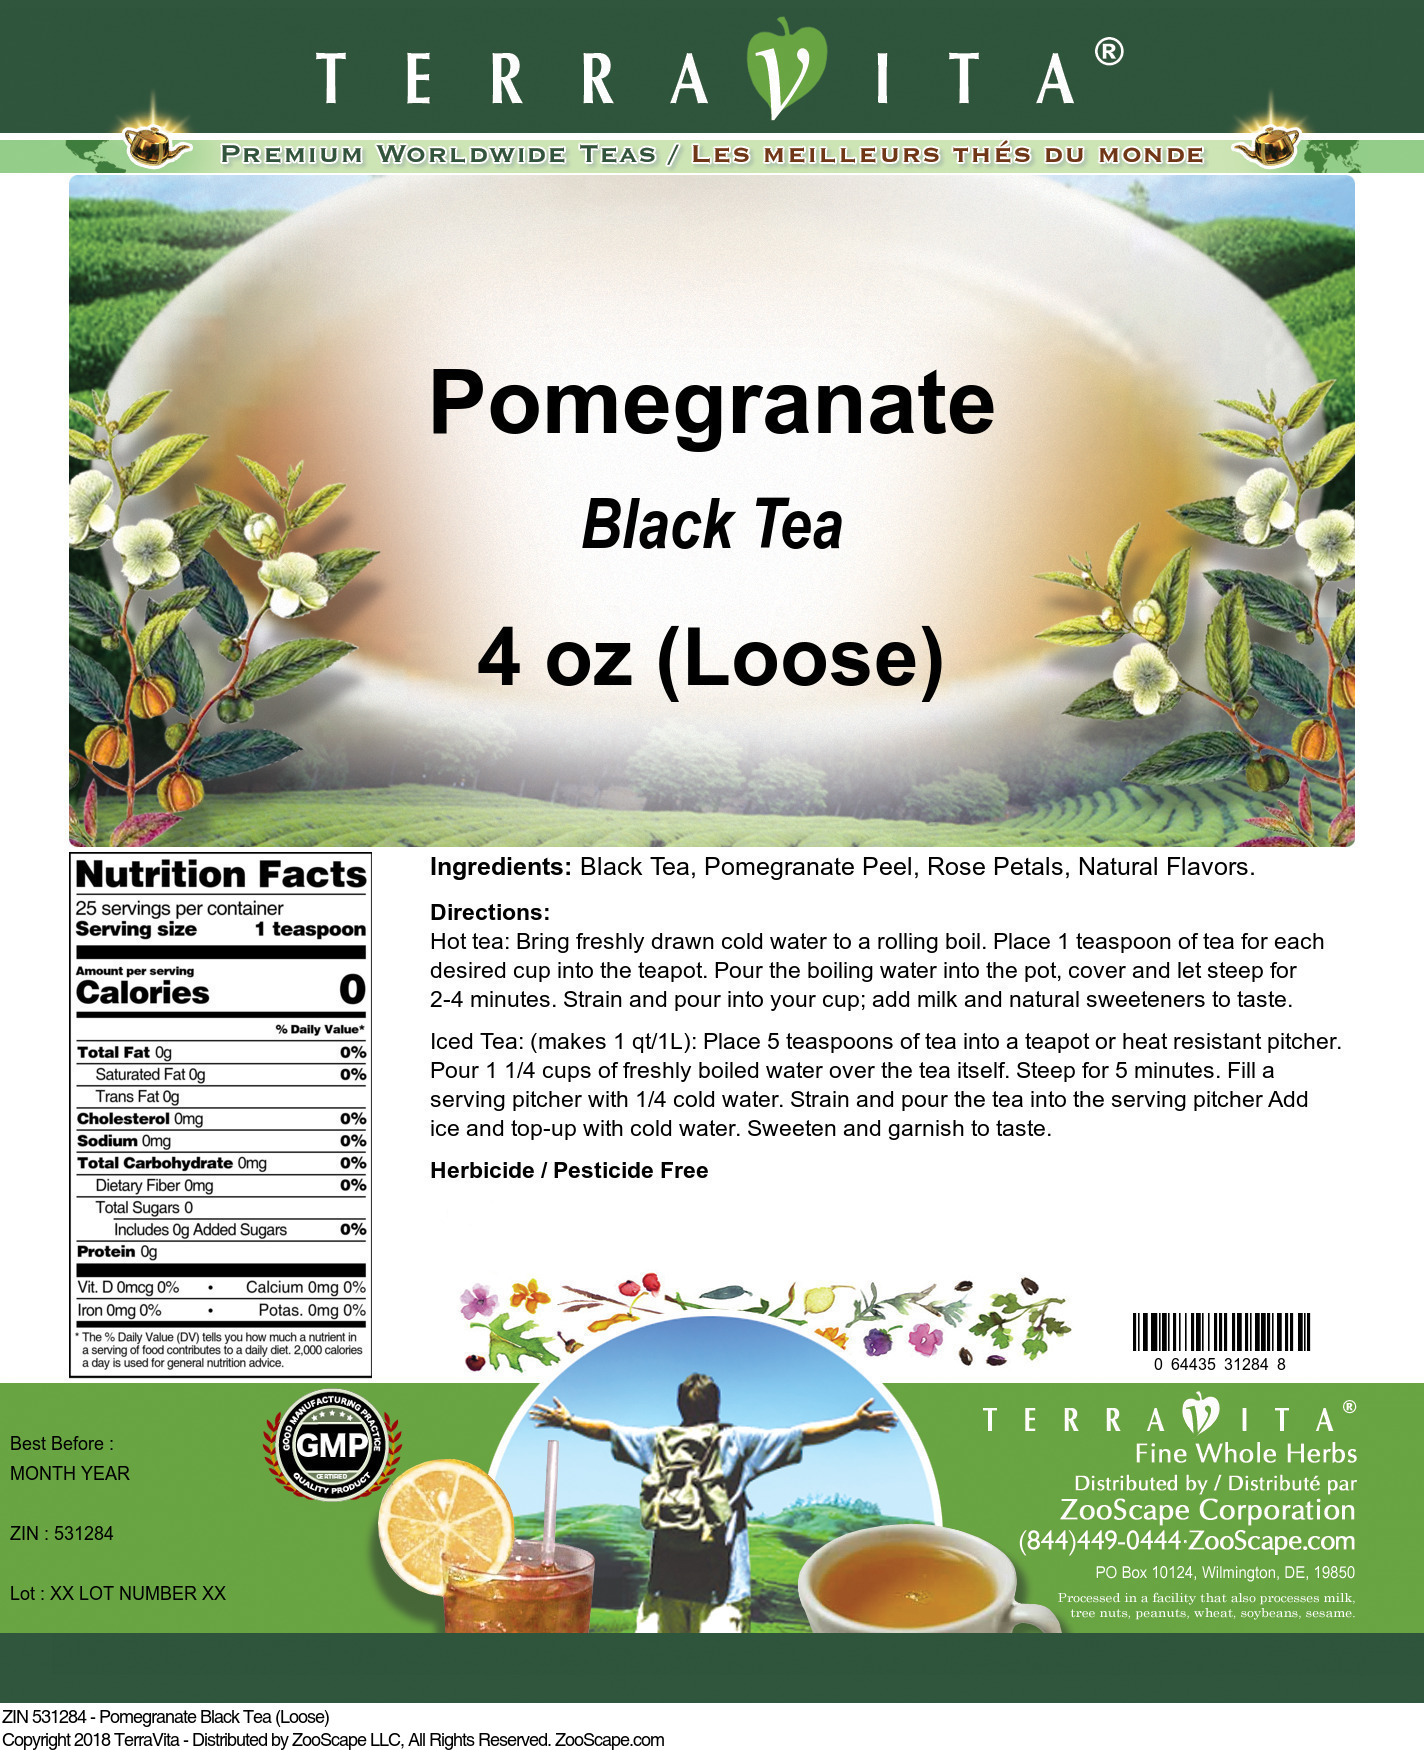 Pomegranate Black Tea